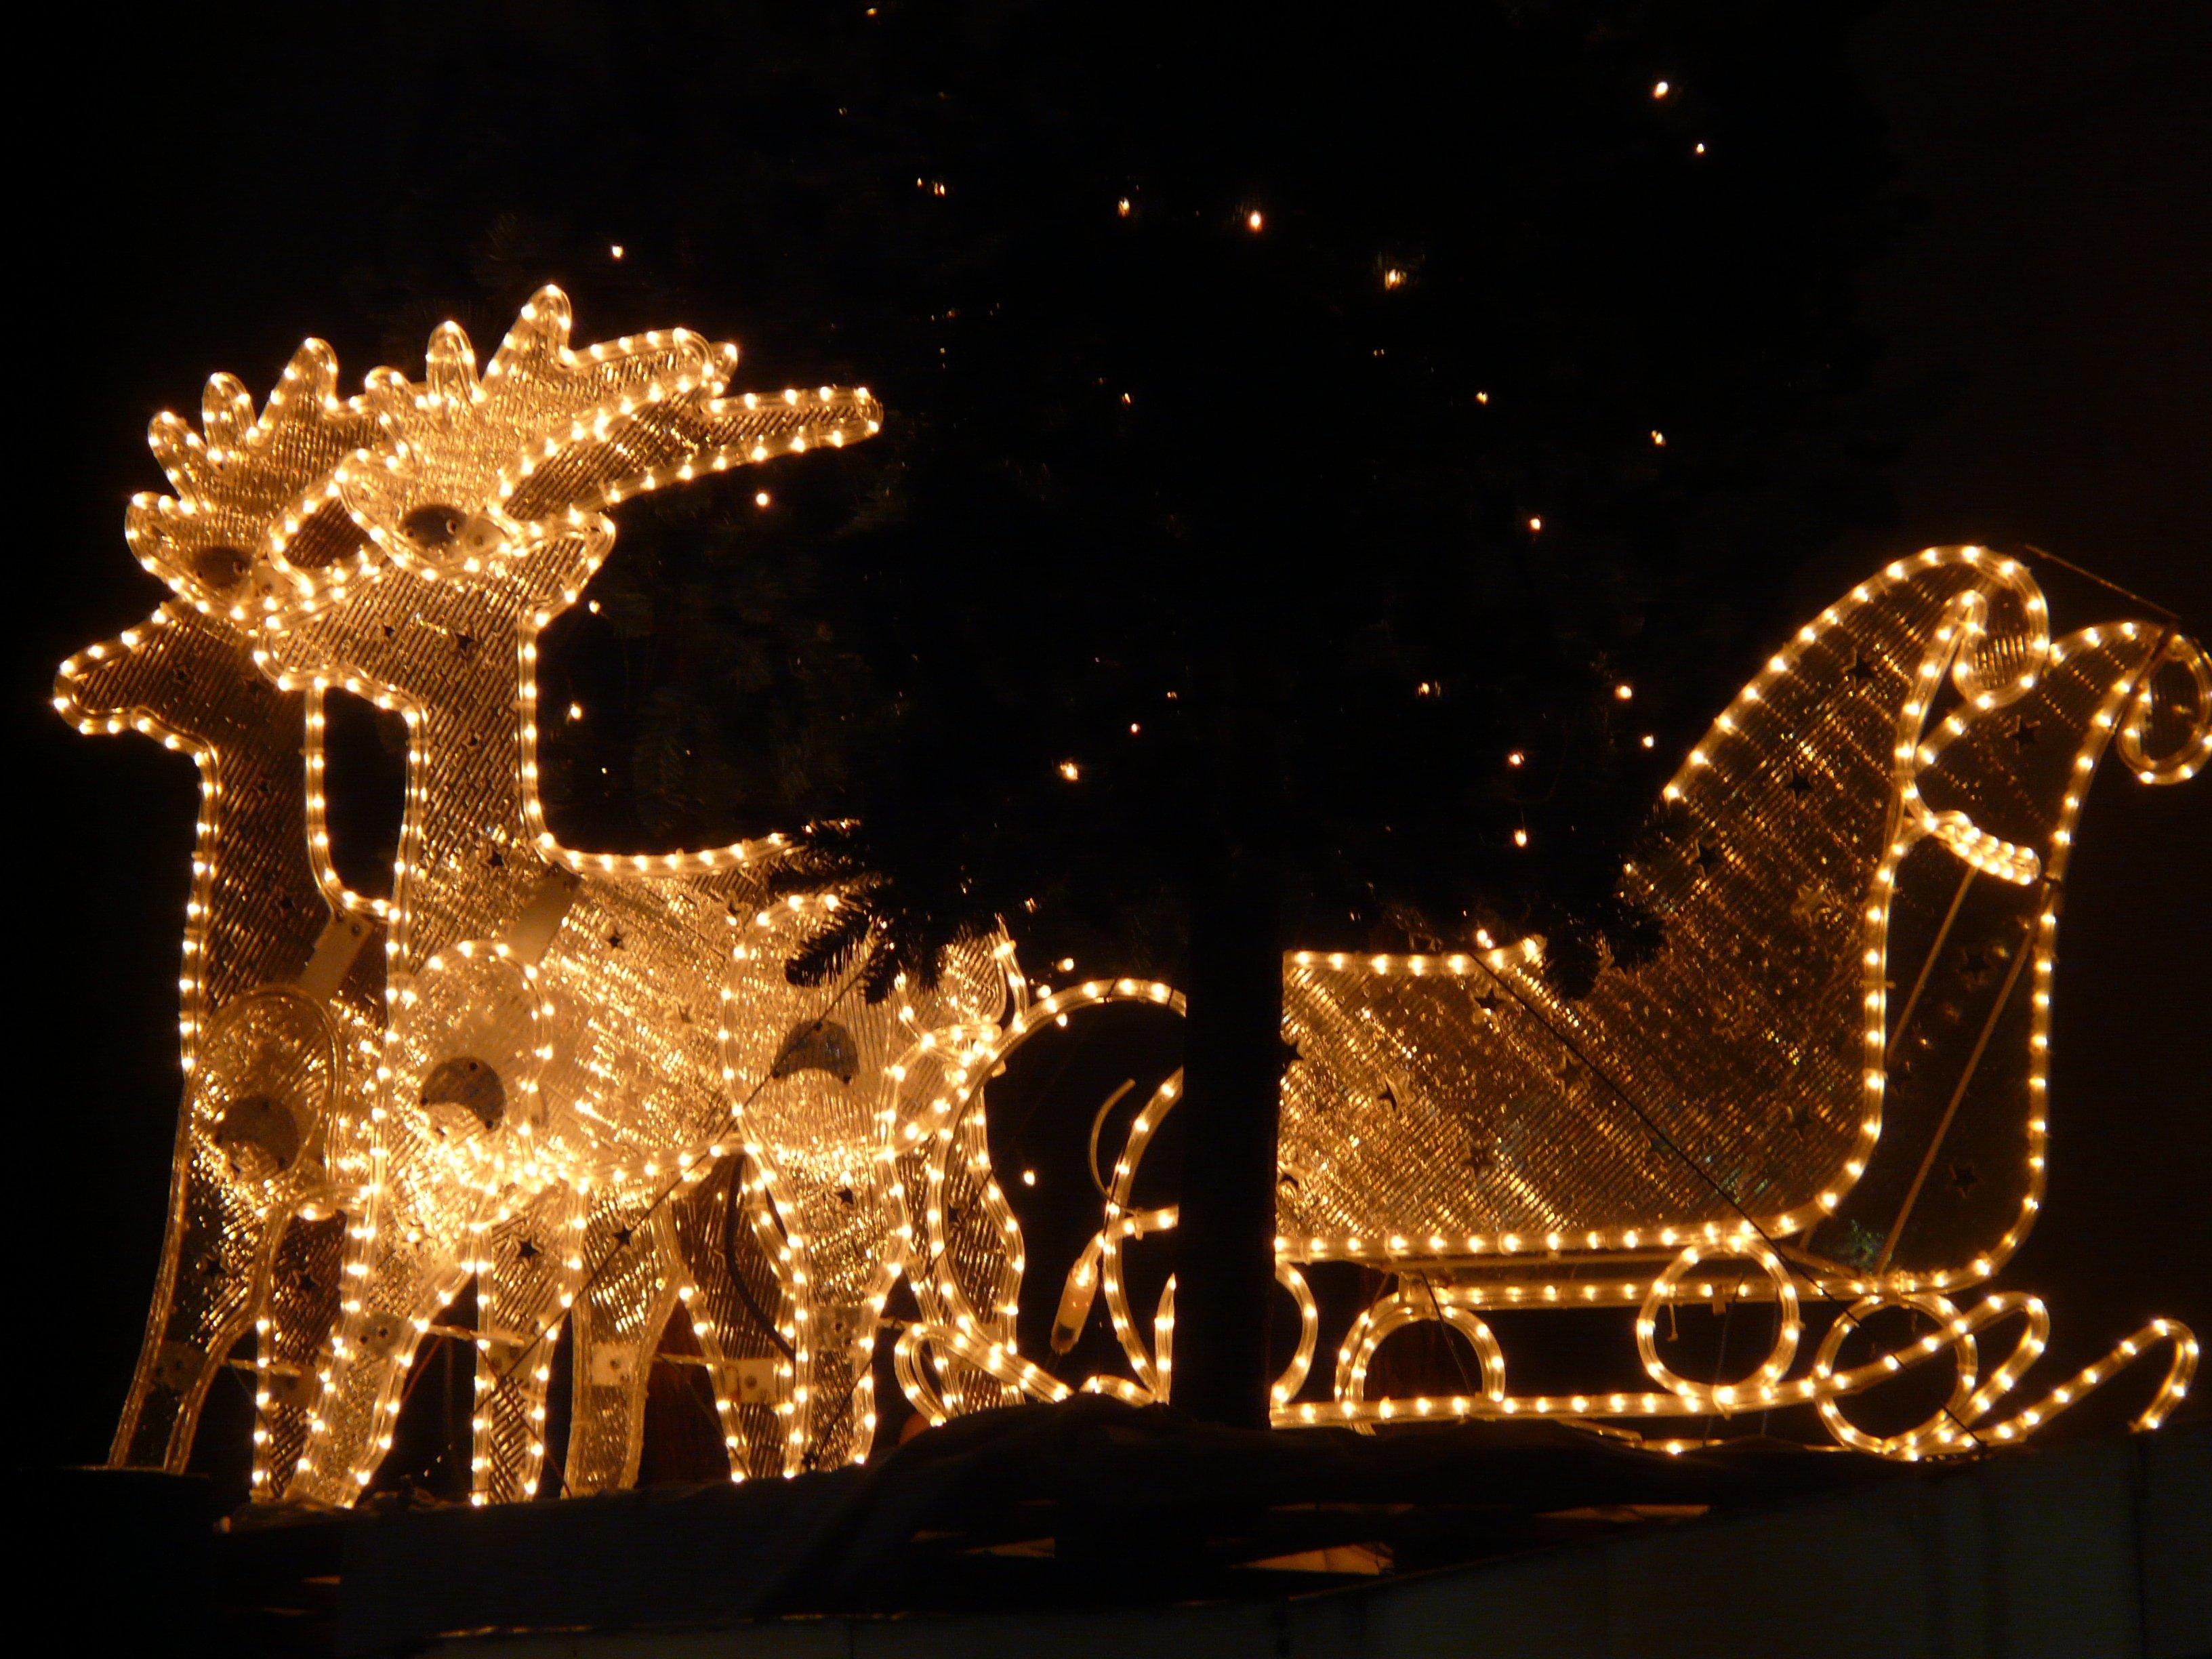 Kostenlose Foto : Lichterkette, Weihnachten, Rentier, Elch, Gleiten,  Winter, Licht, Nacht , Lampen 3264x2448